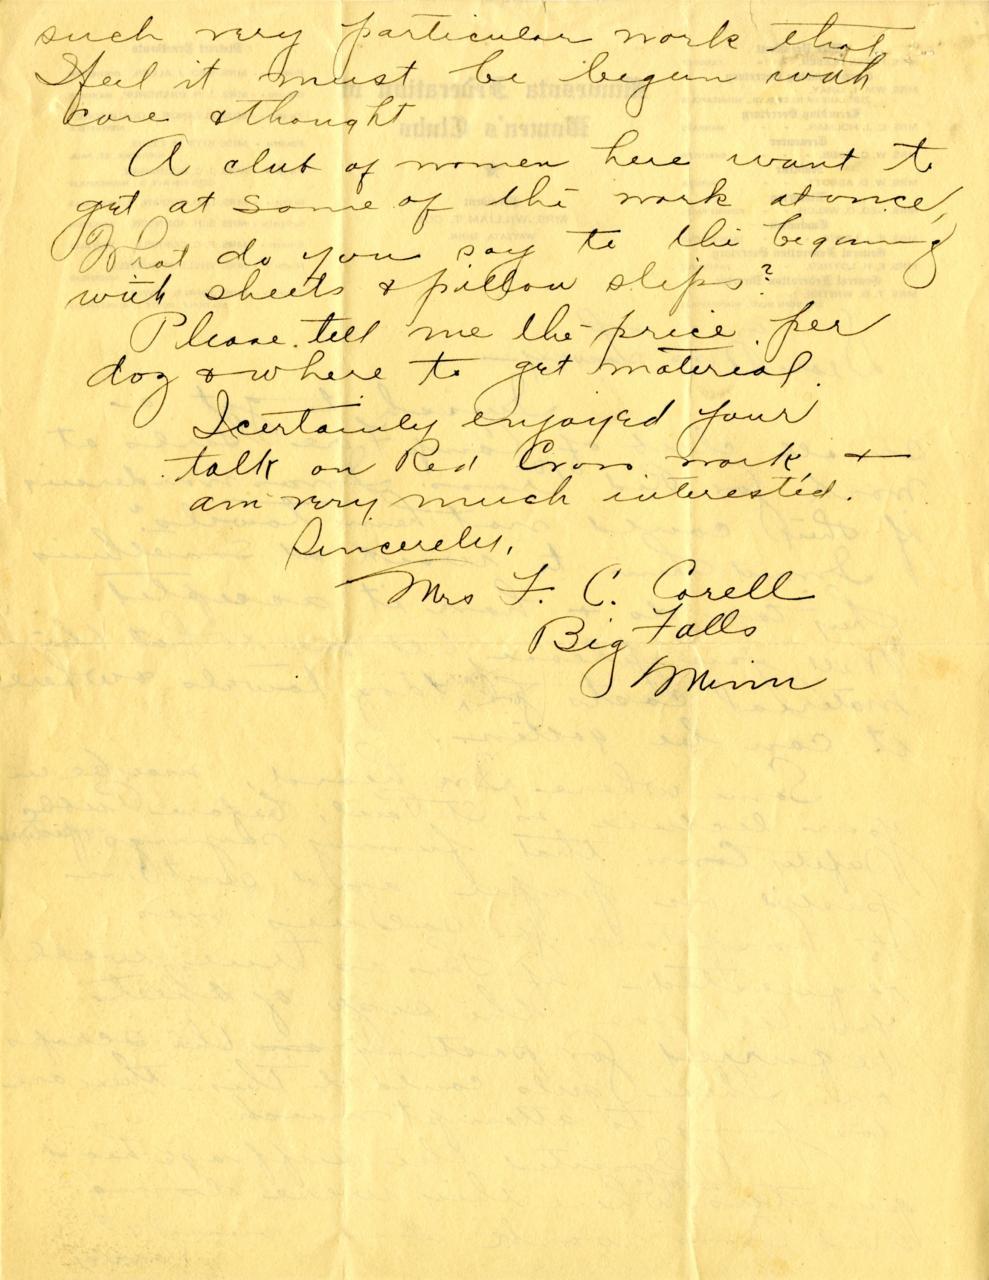 Back of letter